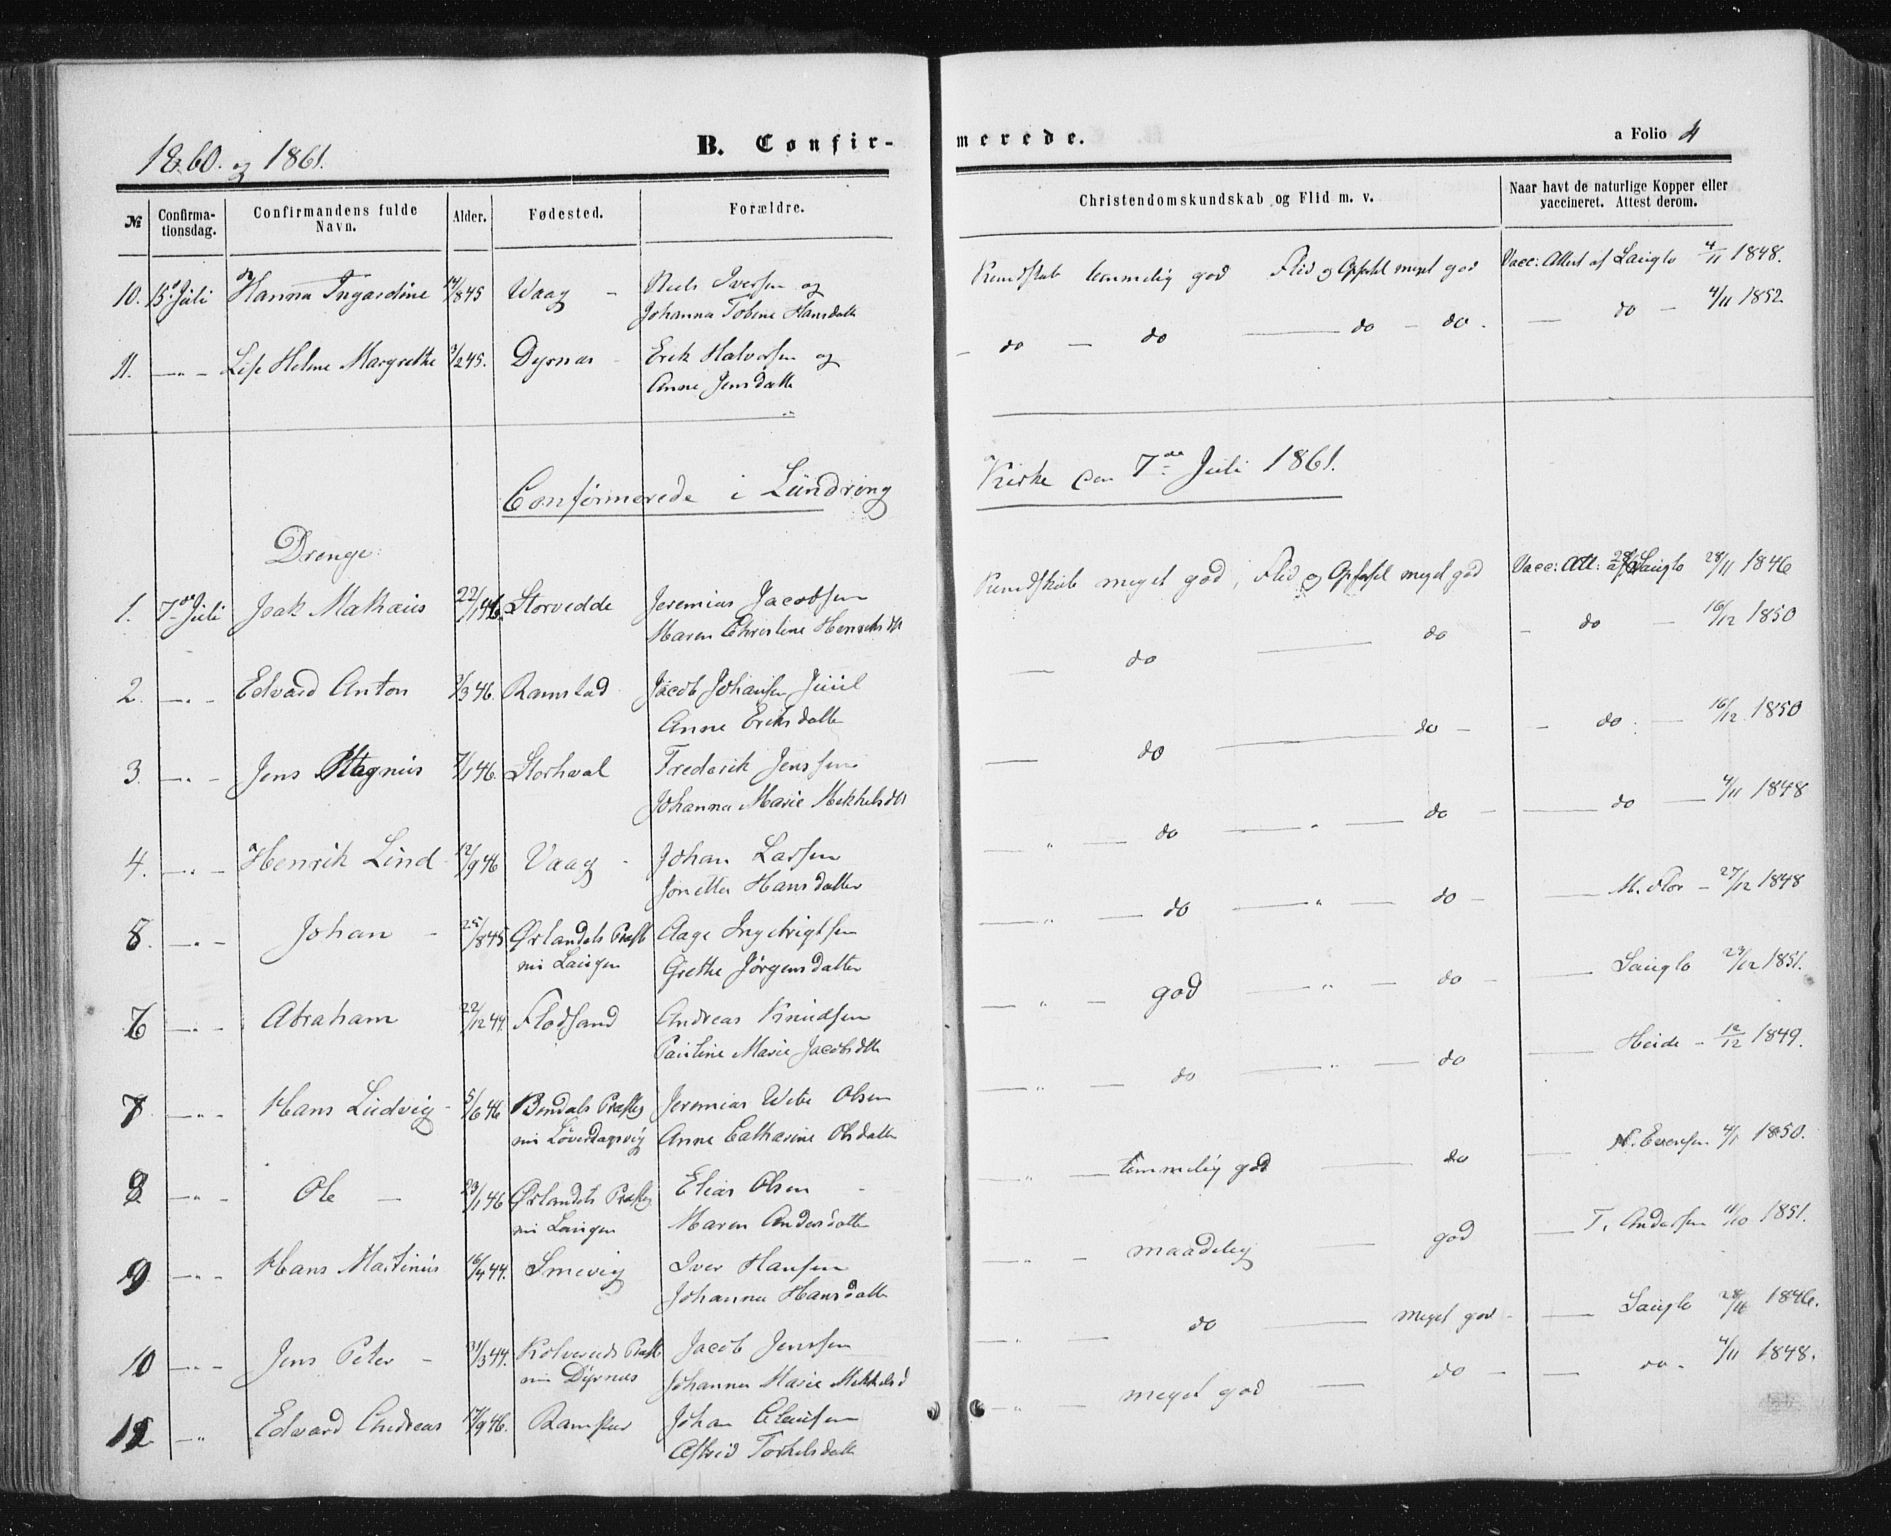 SAT, Ministerialprotokoller, klokkerbøker og fødselsregistre - Nord-Trøndelag, 784/L0670: Ministerialbok nr. 784A05, 1860-1876, s. 4